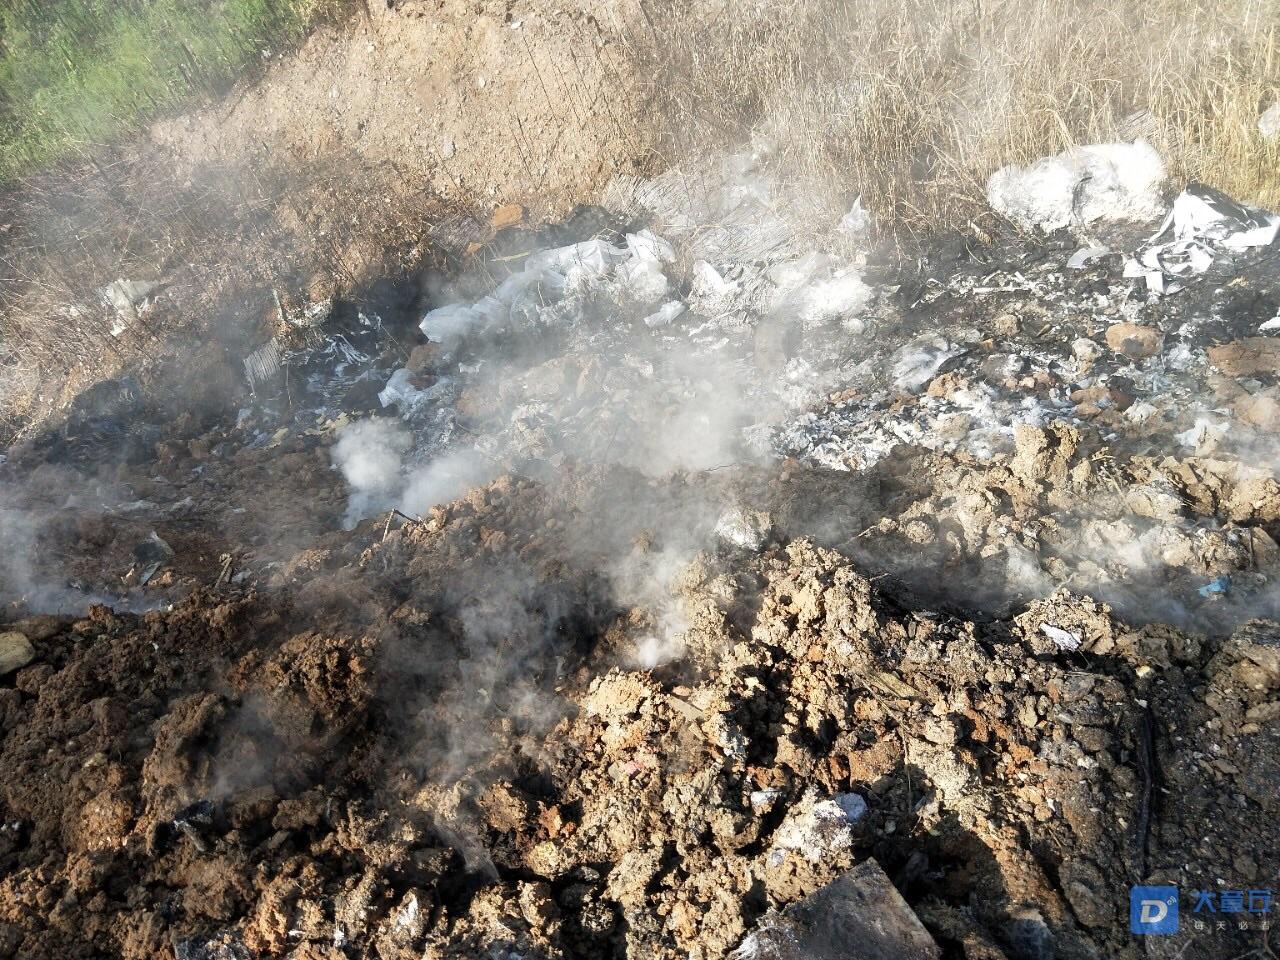 倾倒燃烧工业垃圾和有毒塑料!章丘这个村的村民受不了了!